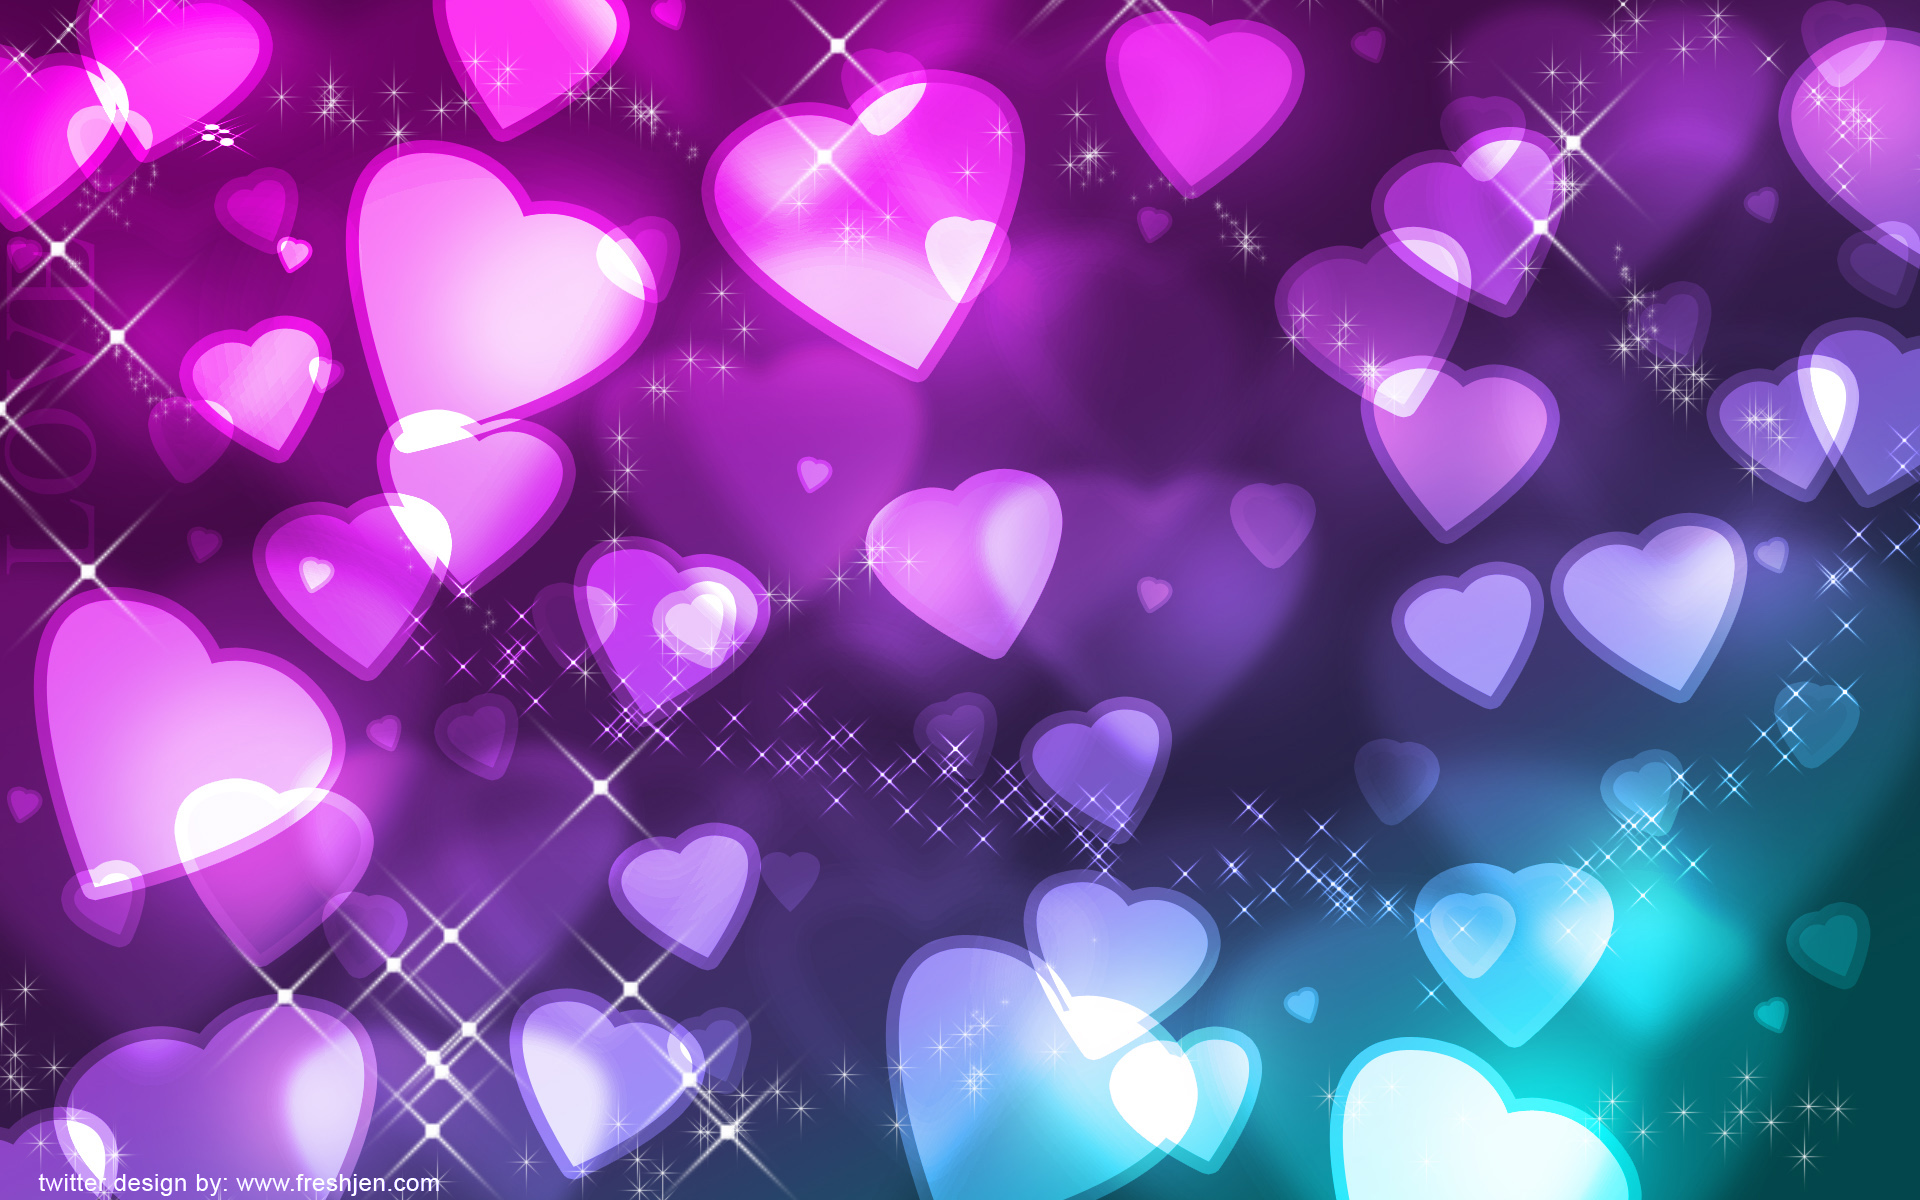 Twitter Background Backgrounds Heart Hearts Freshjen HD wallpapers 1920x1200